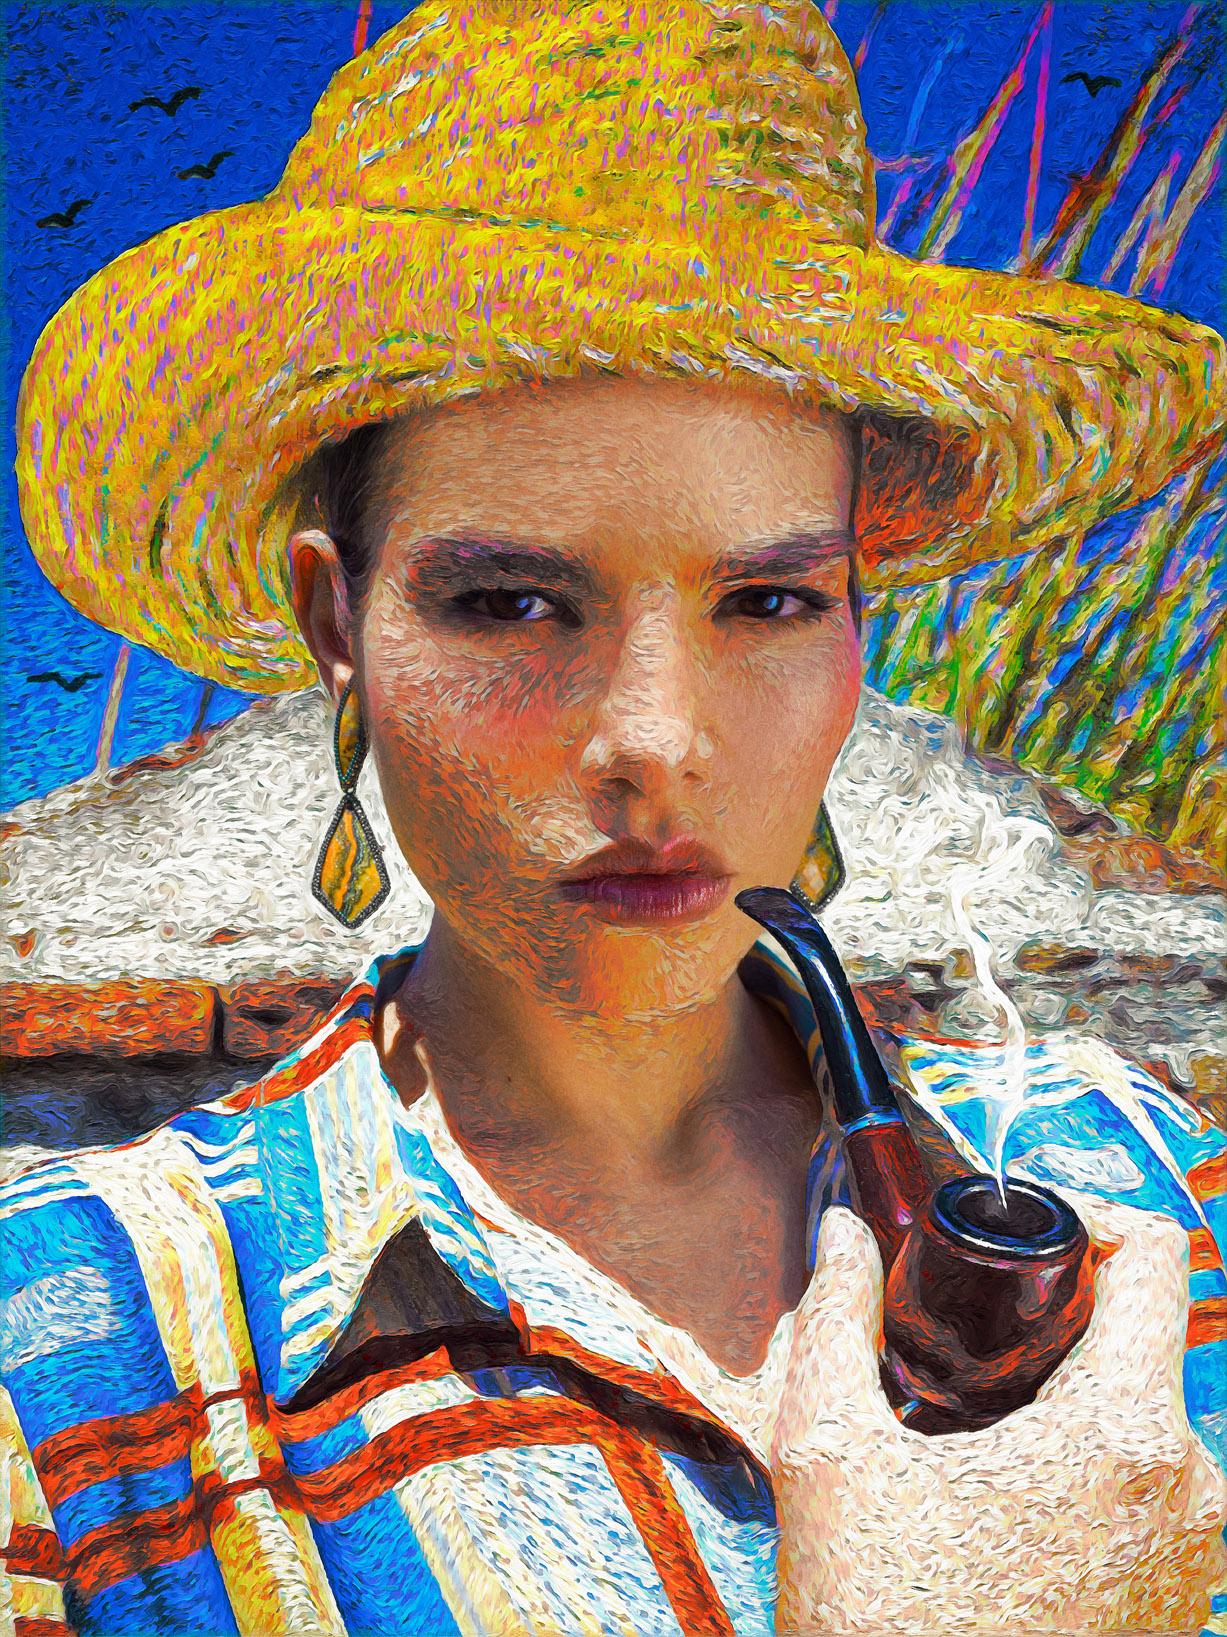 Реклама ювелирных изделий в стиле Ван Гога / фото 08